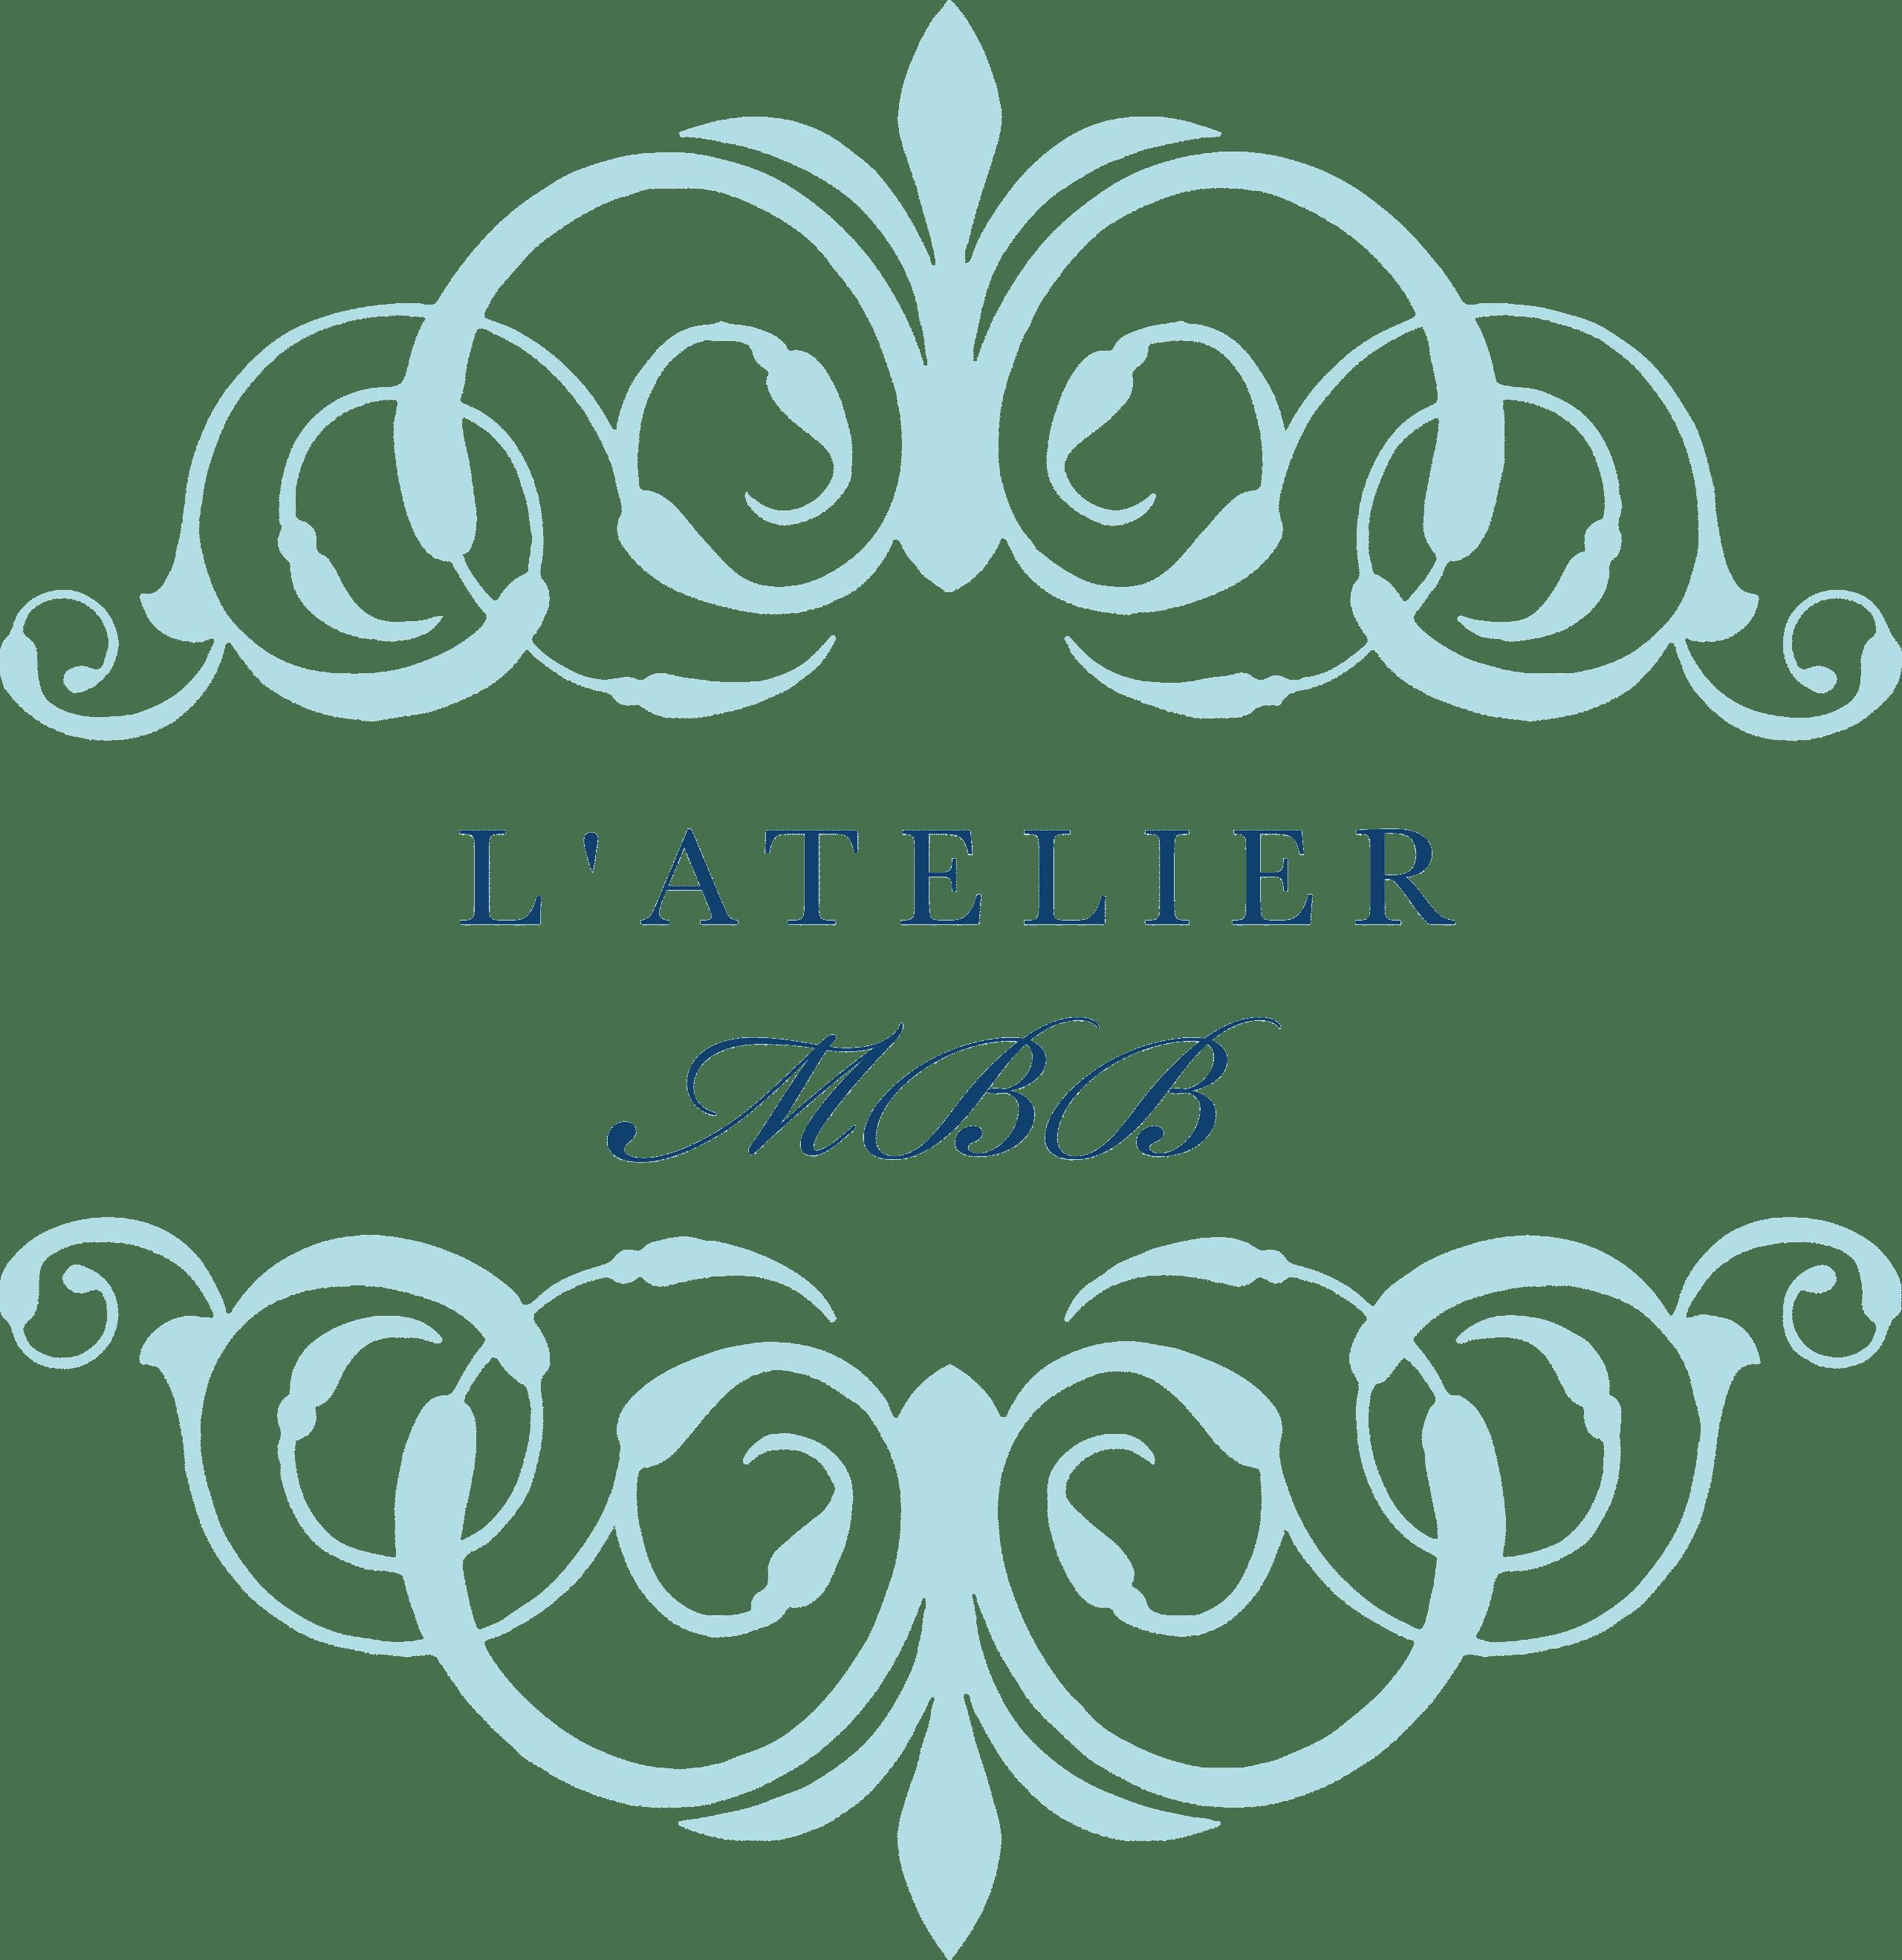 Logo du site web L'Atelier MBB